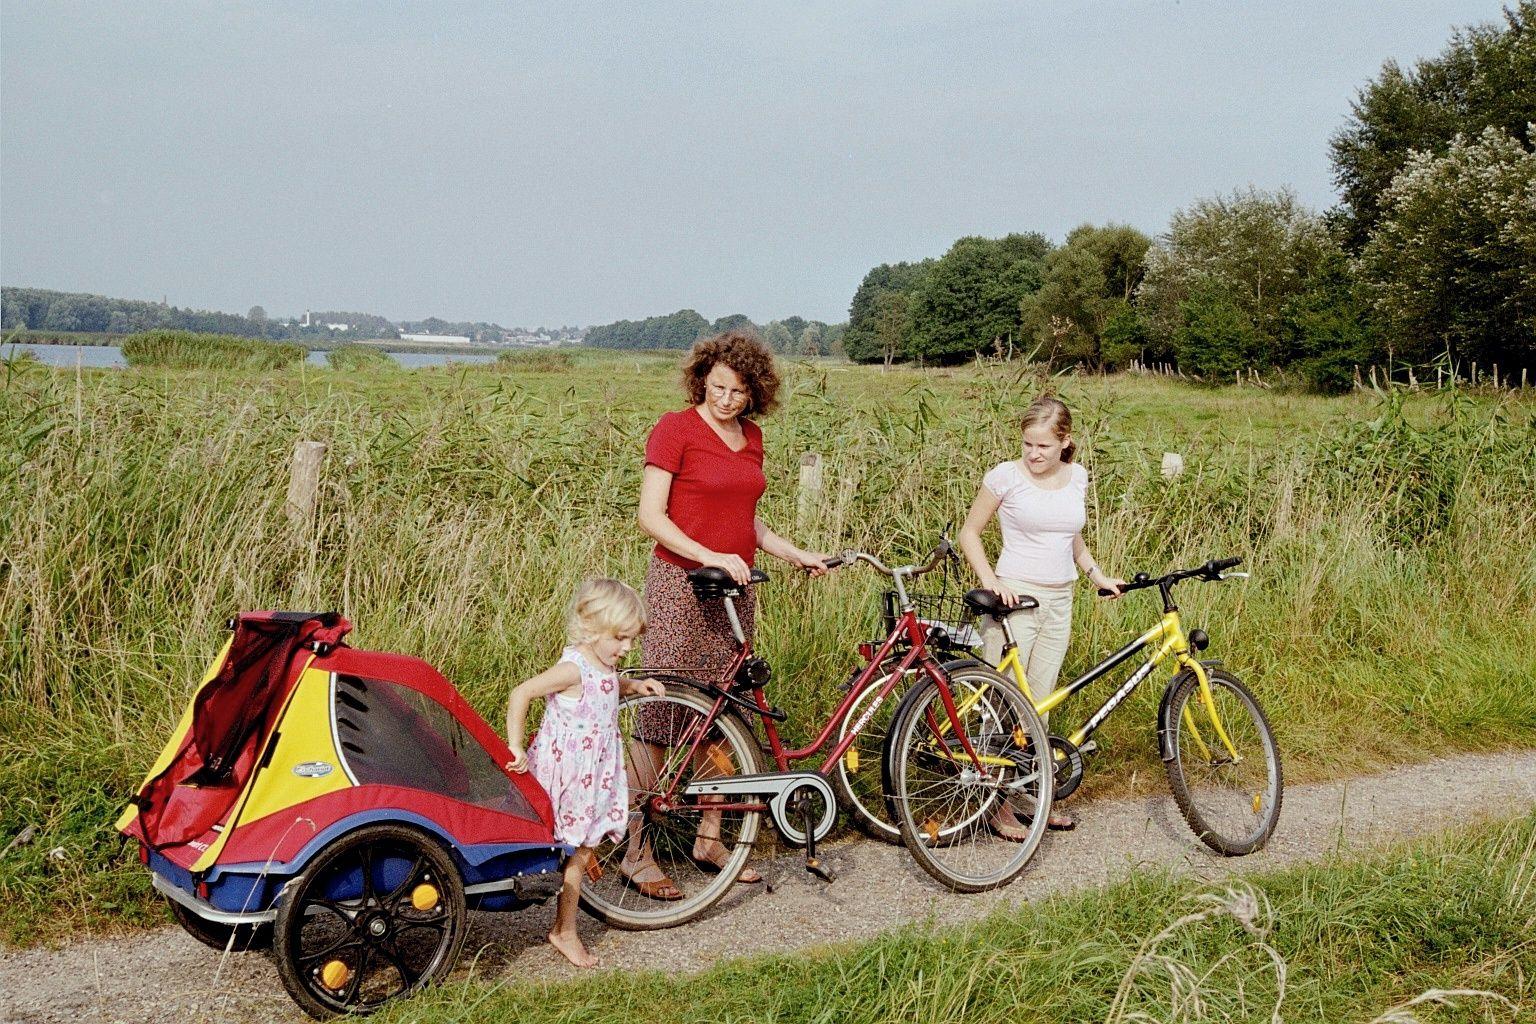 Freizeit-Wellness-Fahrradtour